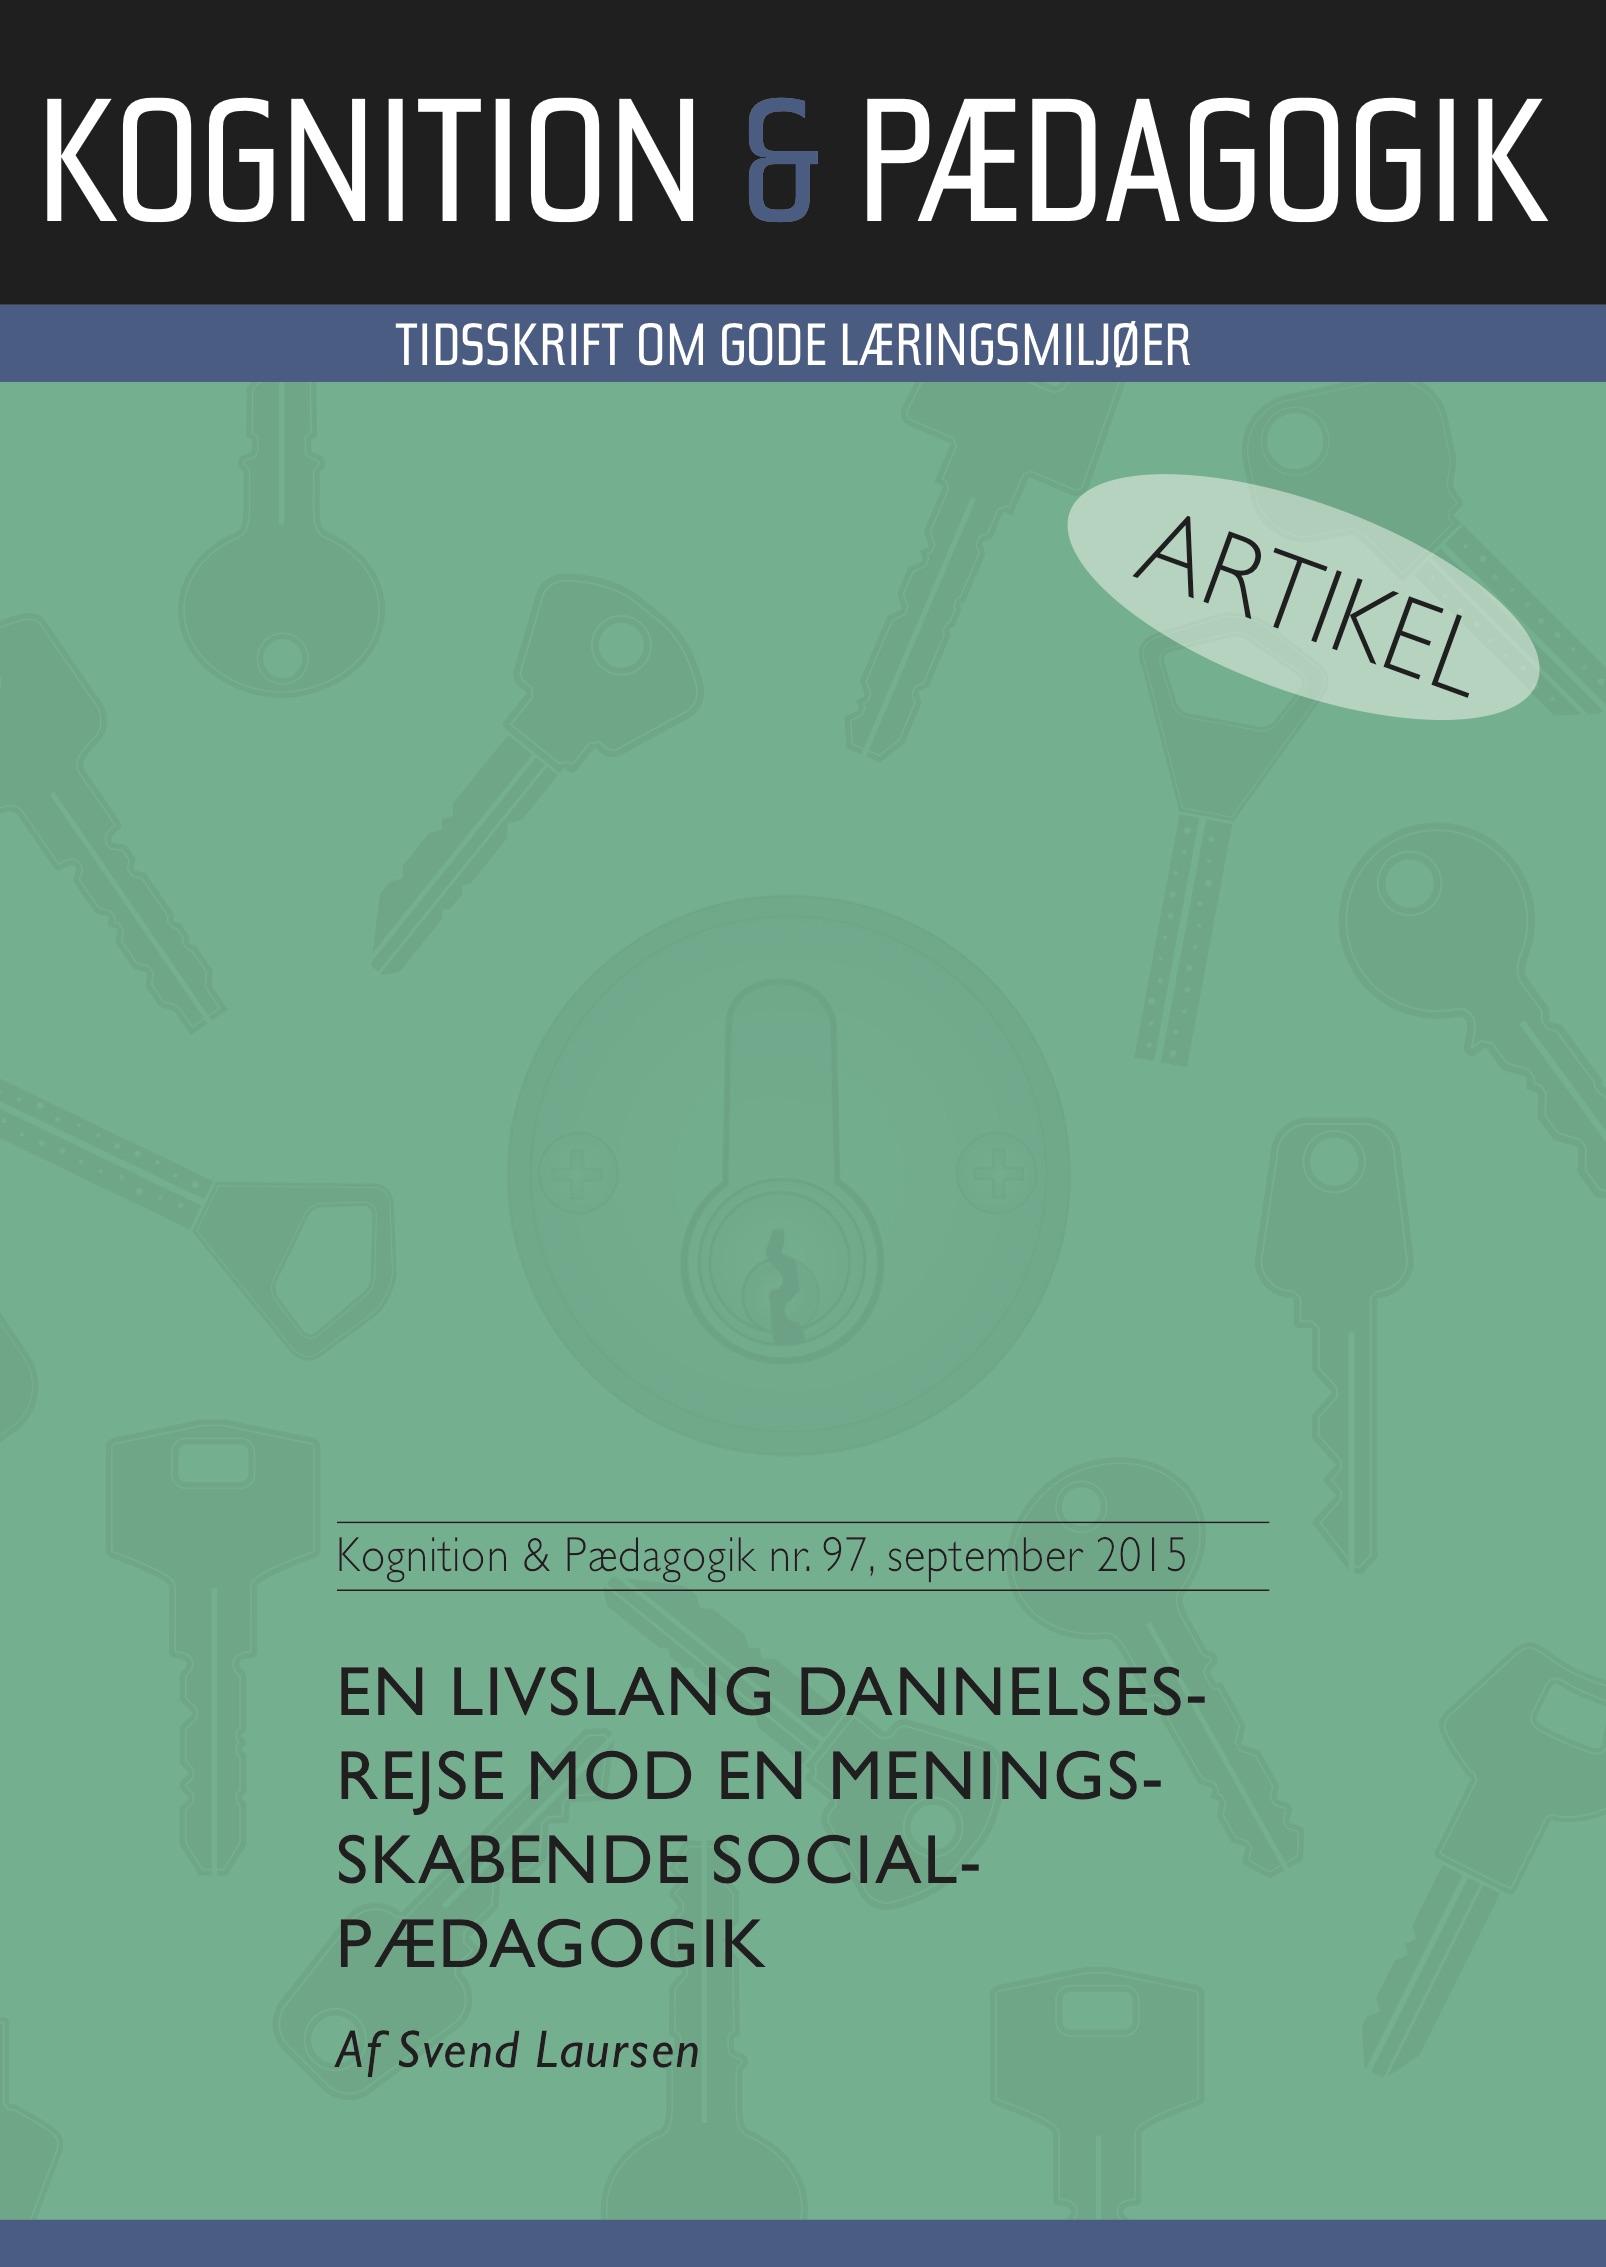 N/A En livslang dannelsesrejse mod en meningsskabende socialpædagogik - e-bog på bog & mystik